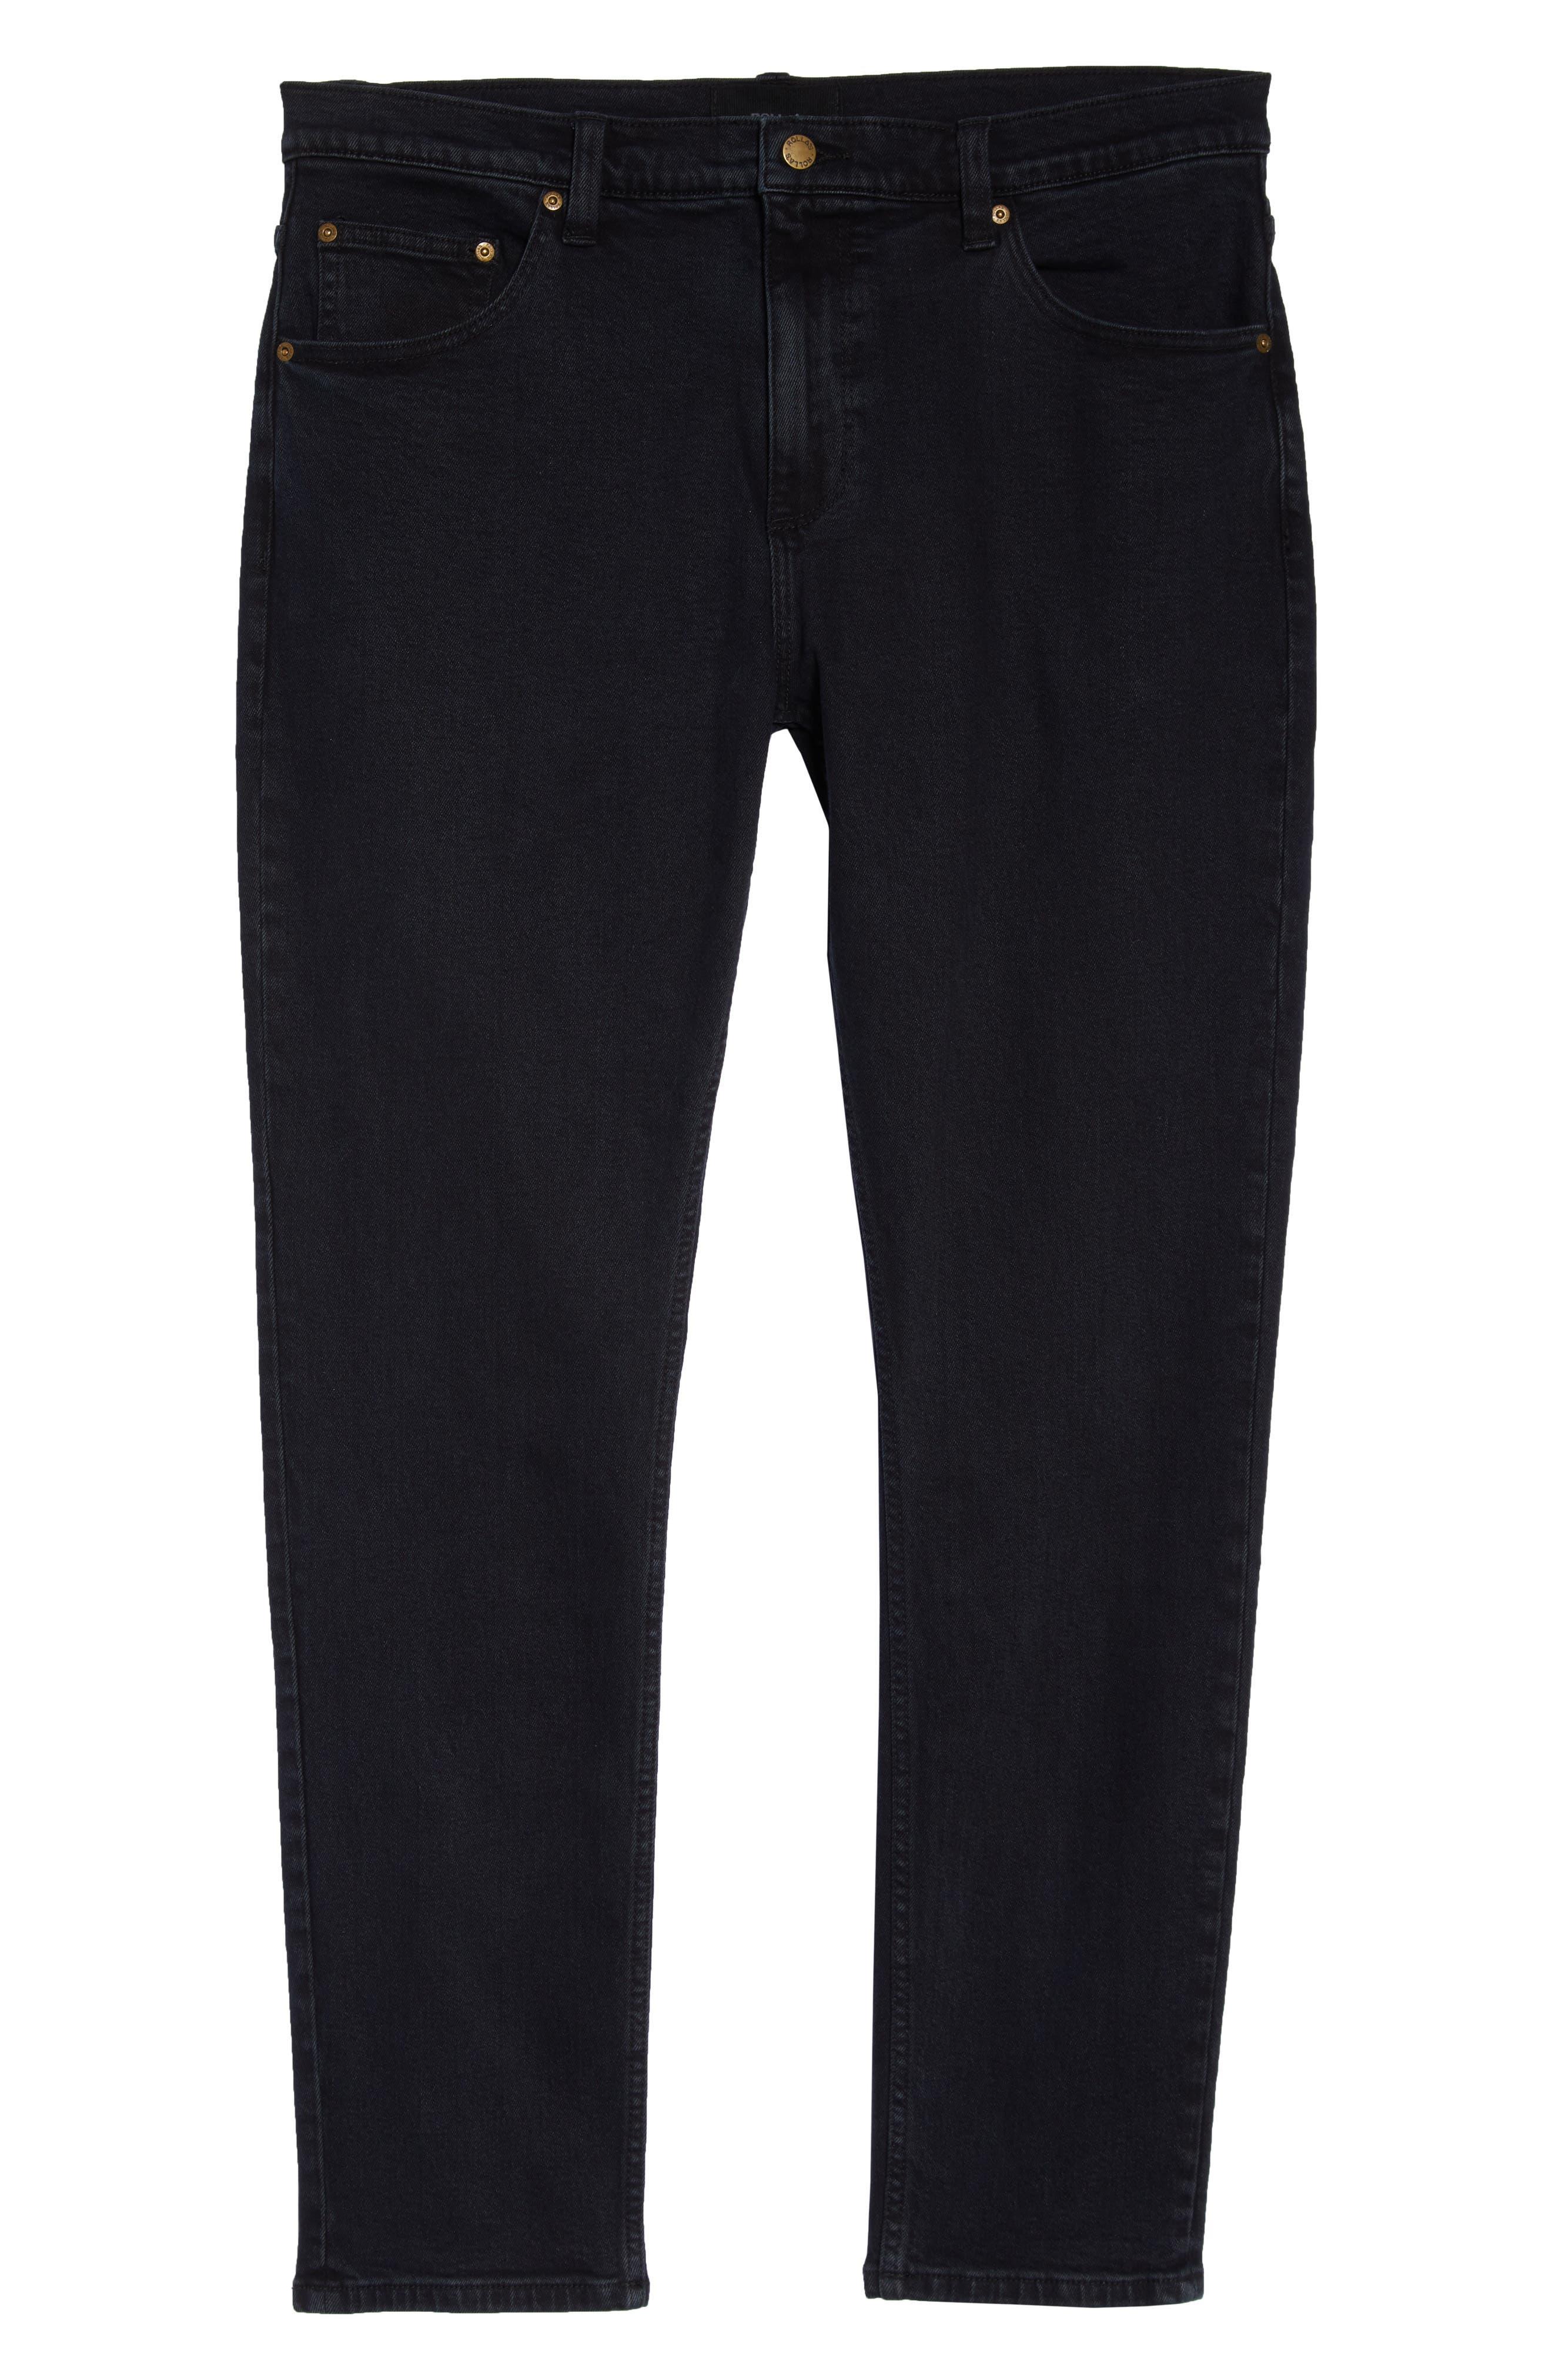 ROLLA'S,                             Thin Captain Slim Fit Jeans,                             Alternate thumbnail 4, color,                             BON BLACK